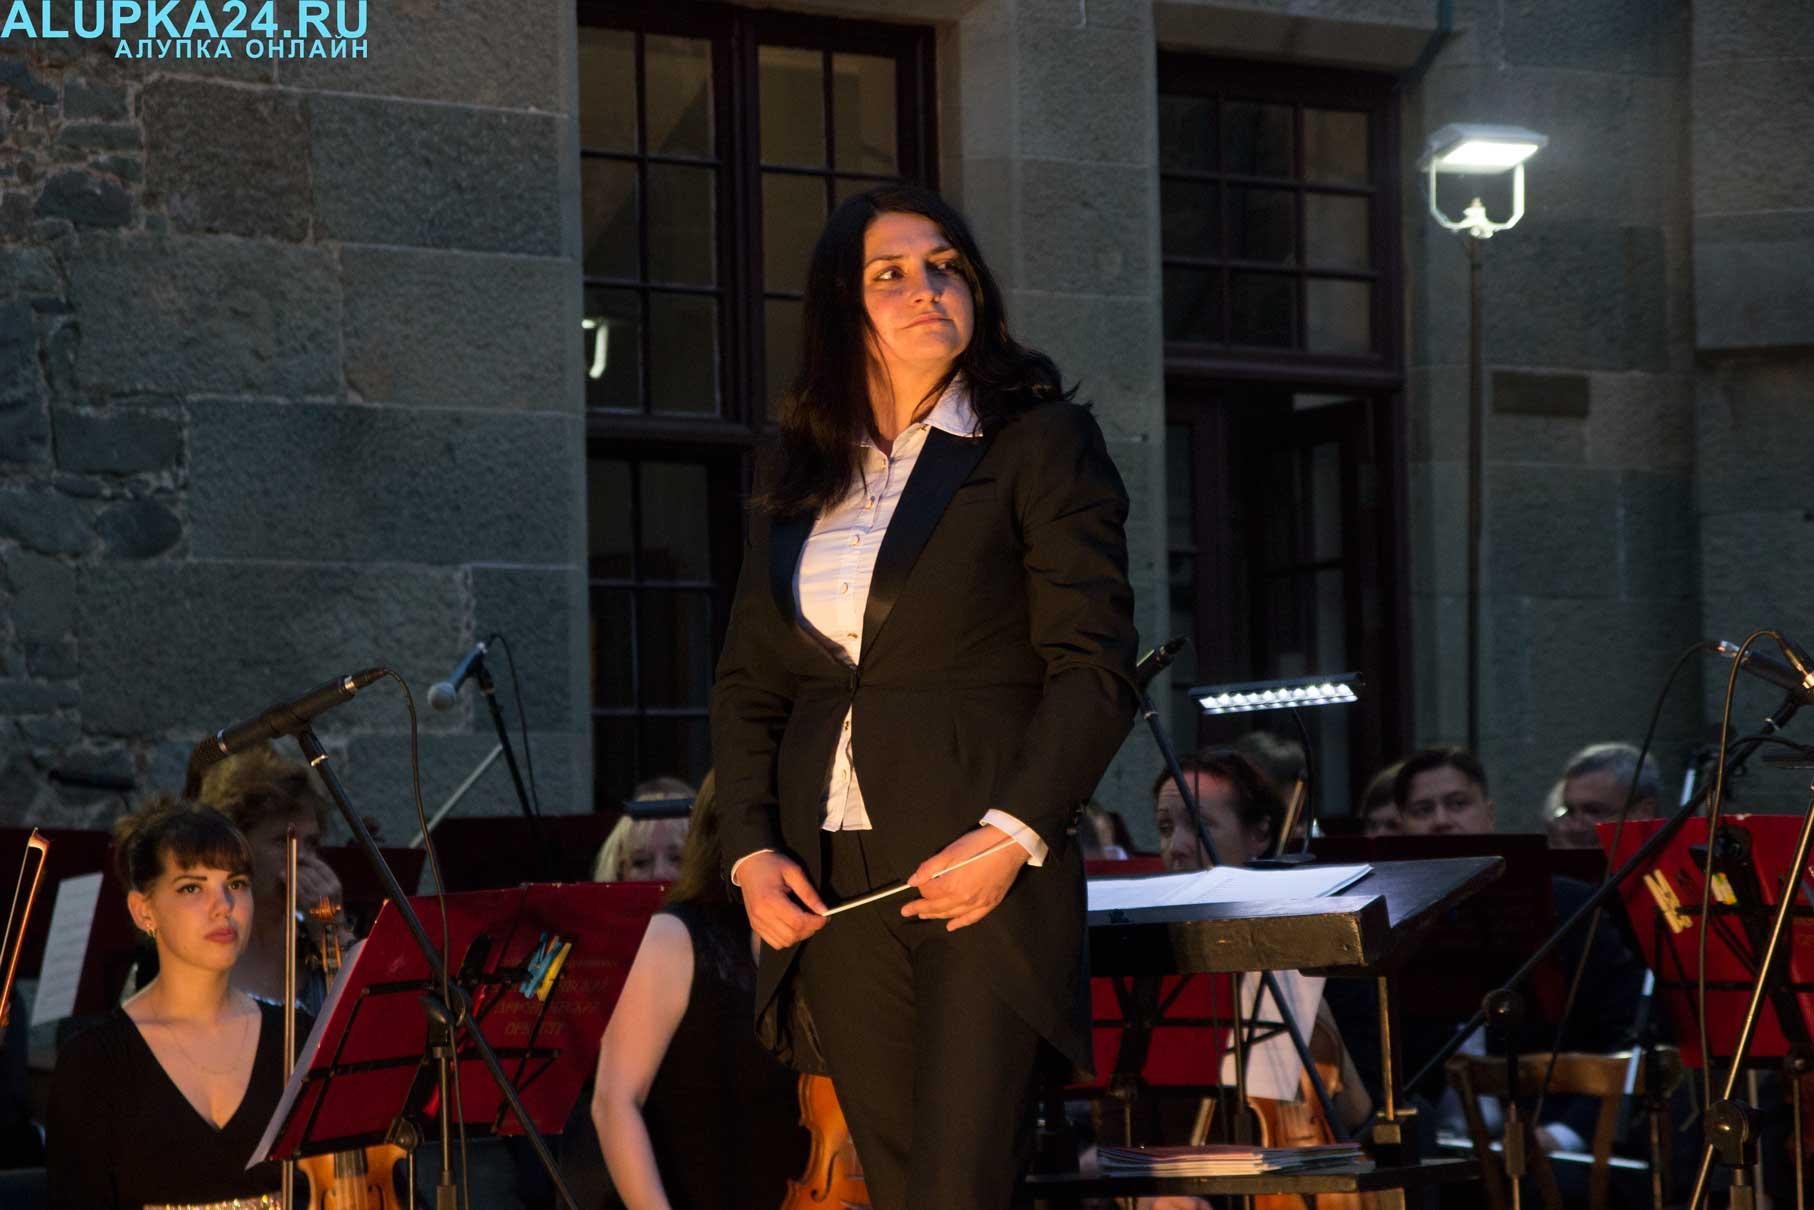 Дирижер симфонического оркестра крымской государственной филармонии Яна Анненкова